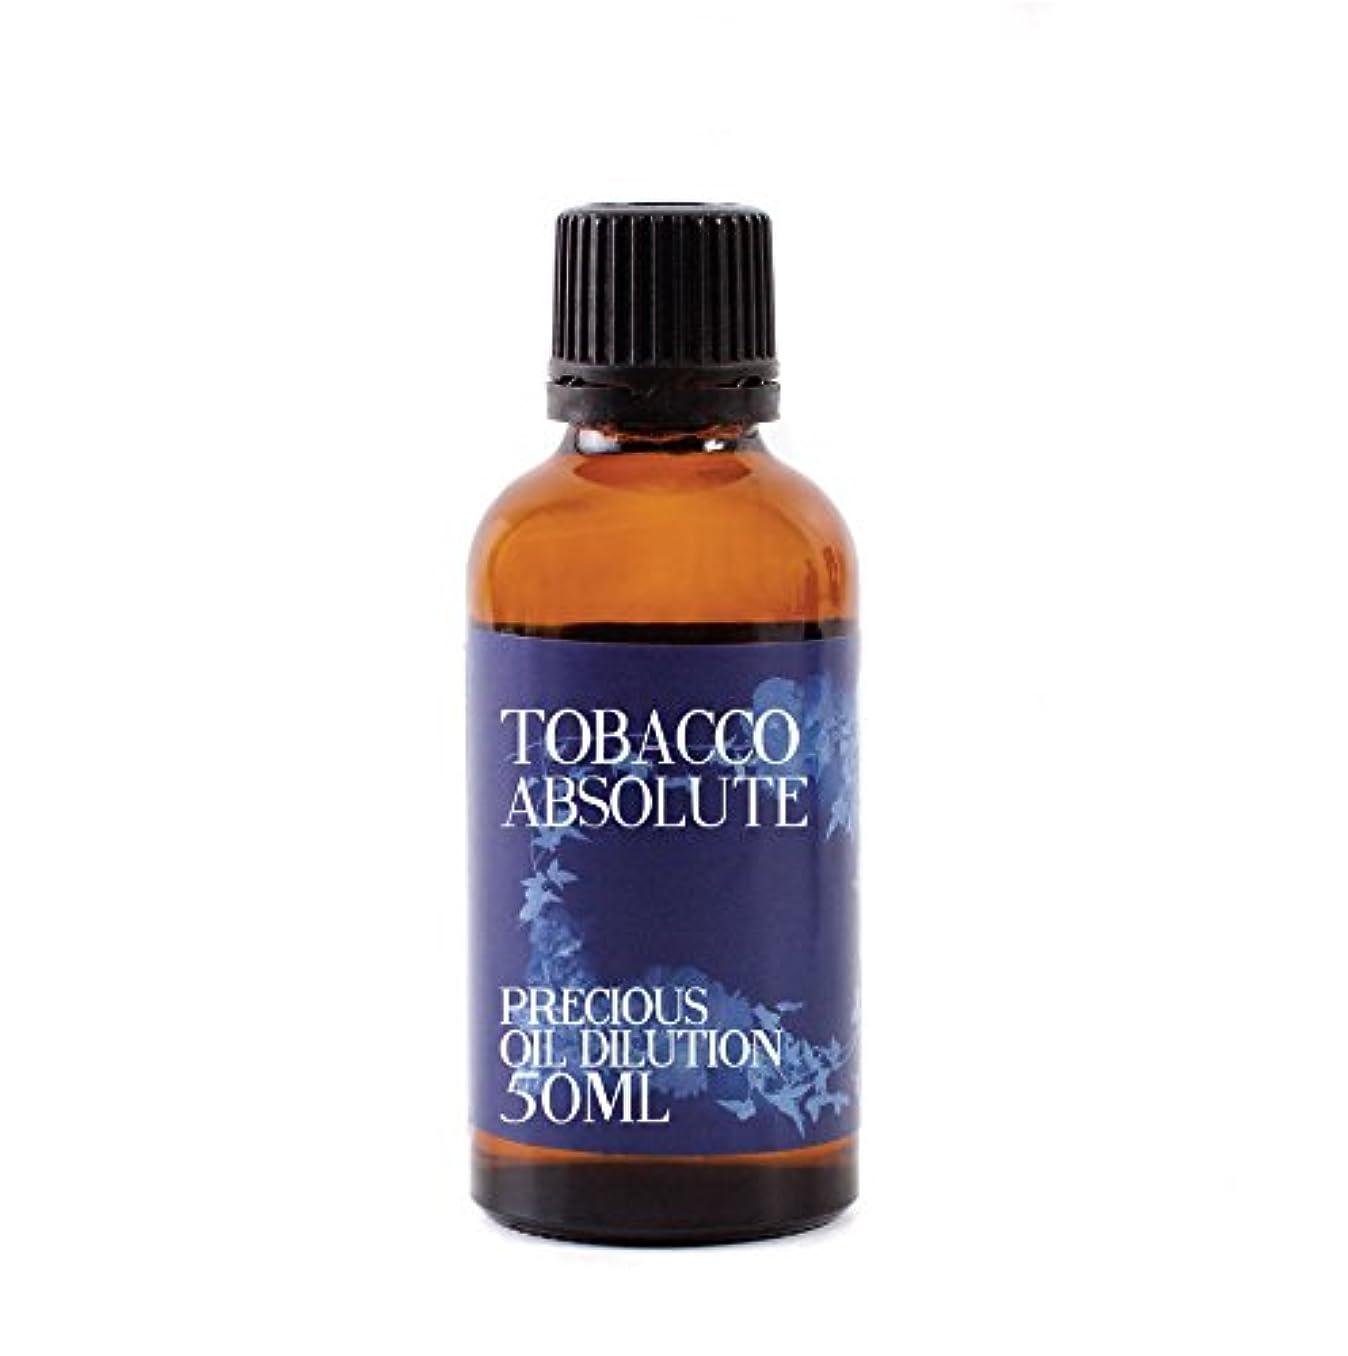 便宜再撮り帳面Tobacco Absolute Oil Dilution - 50ml